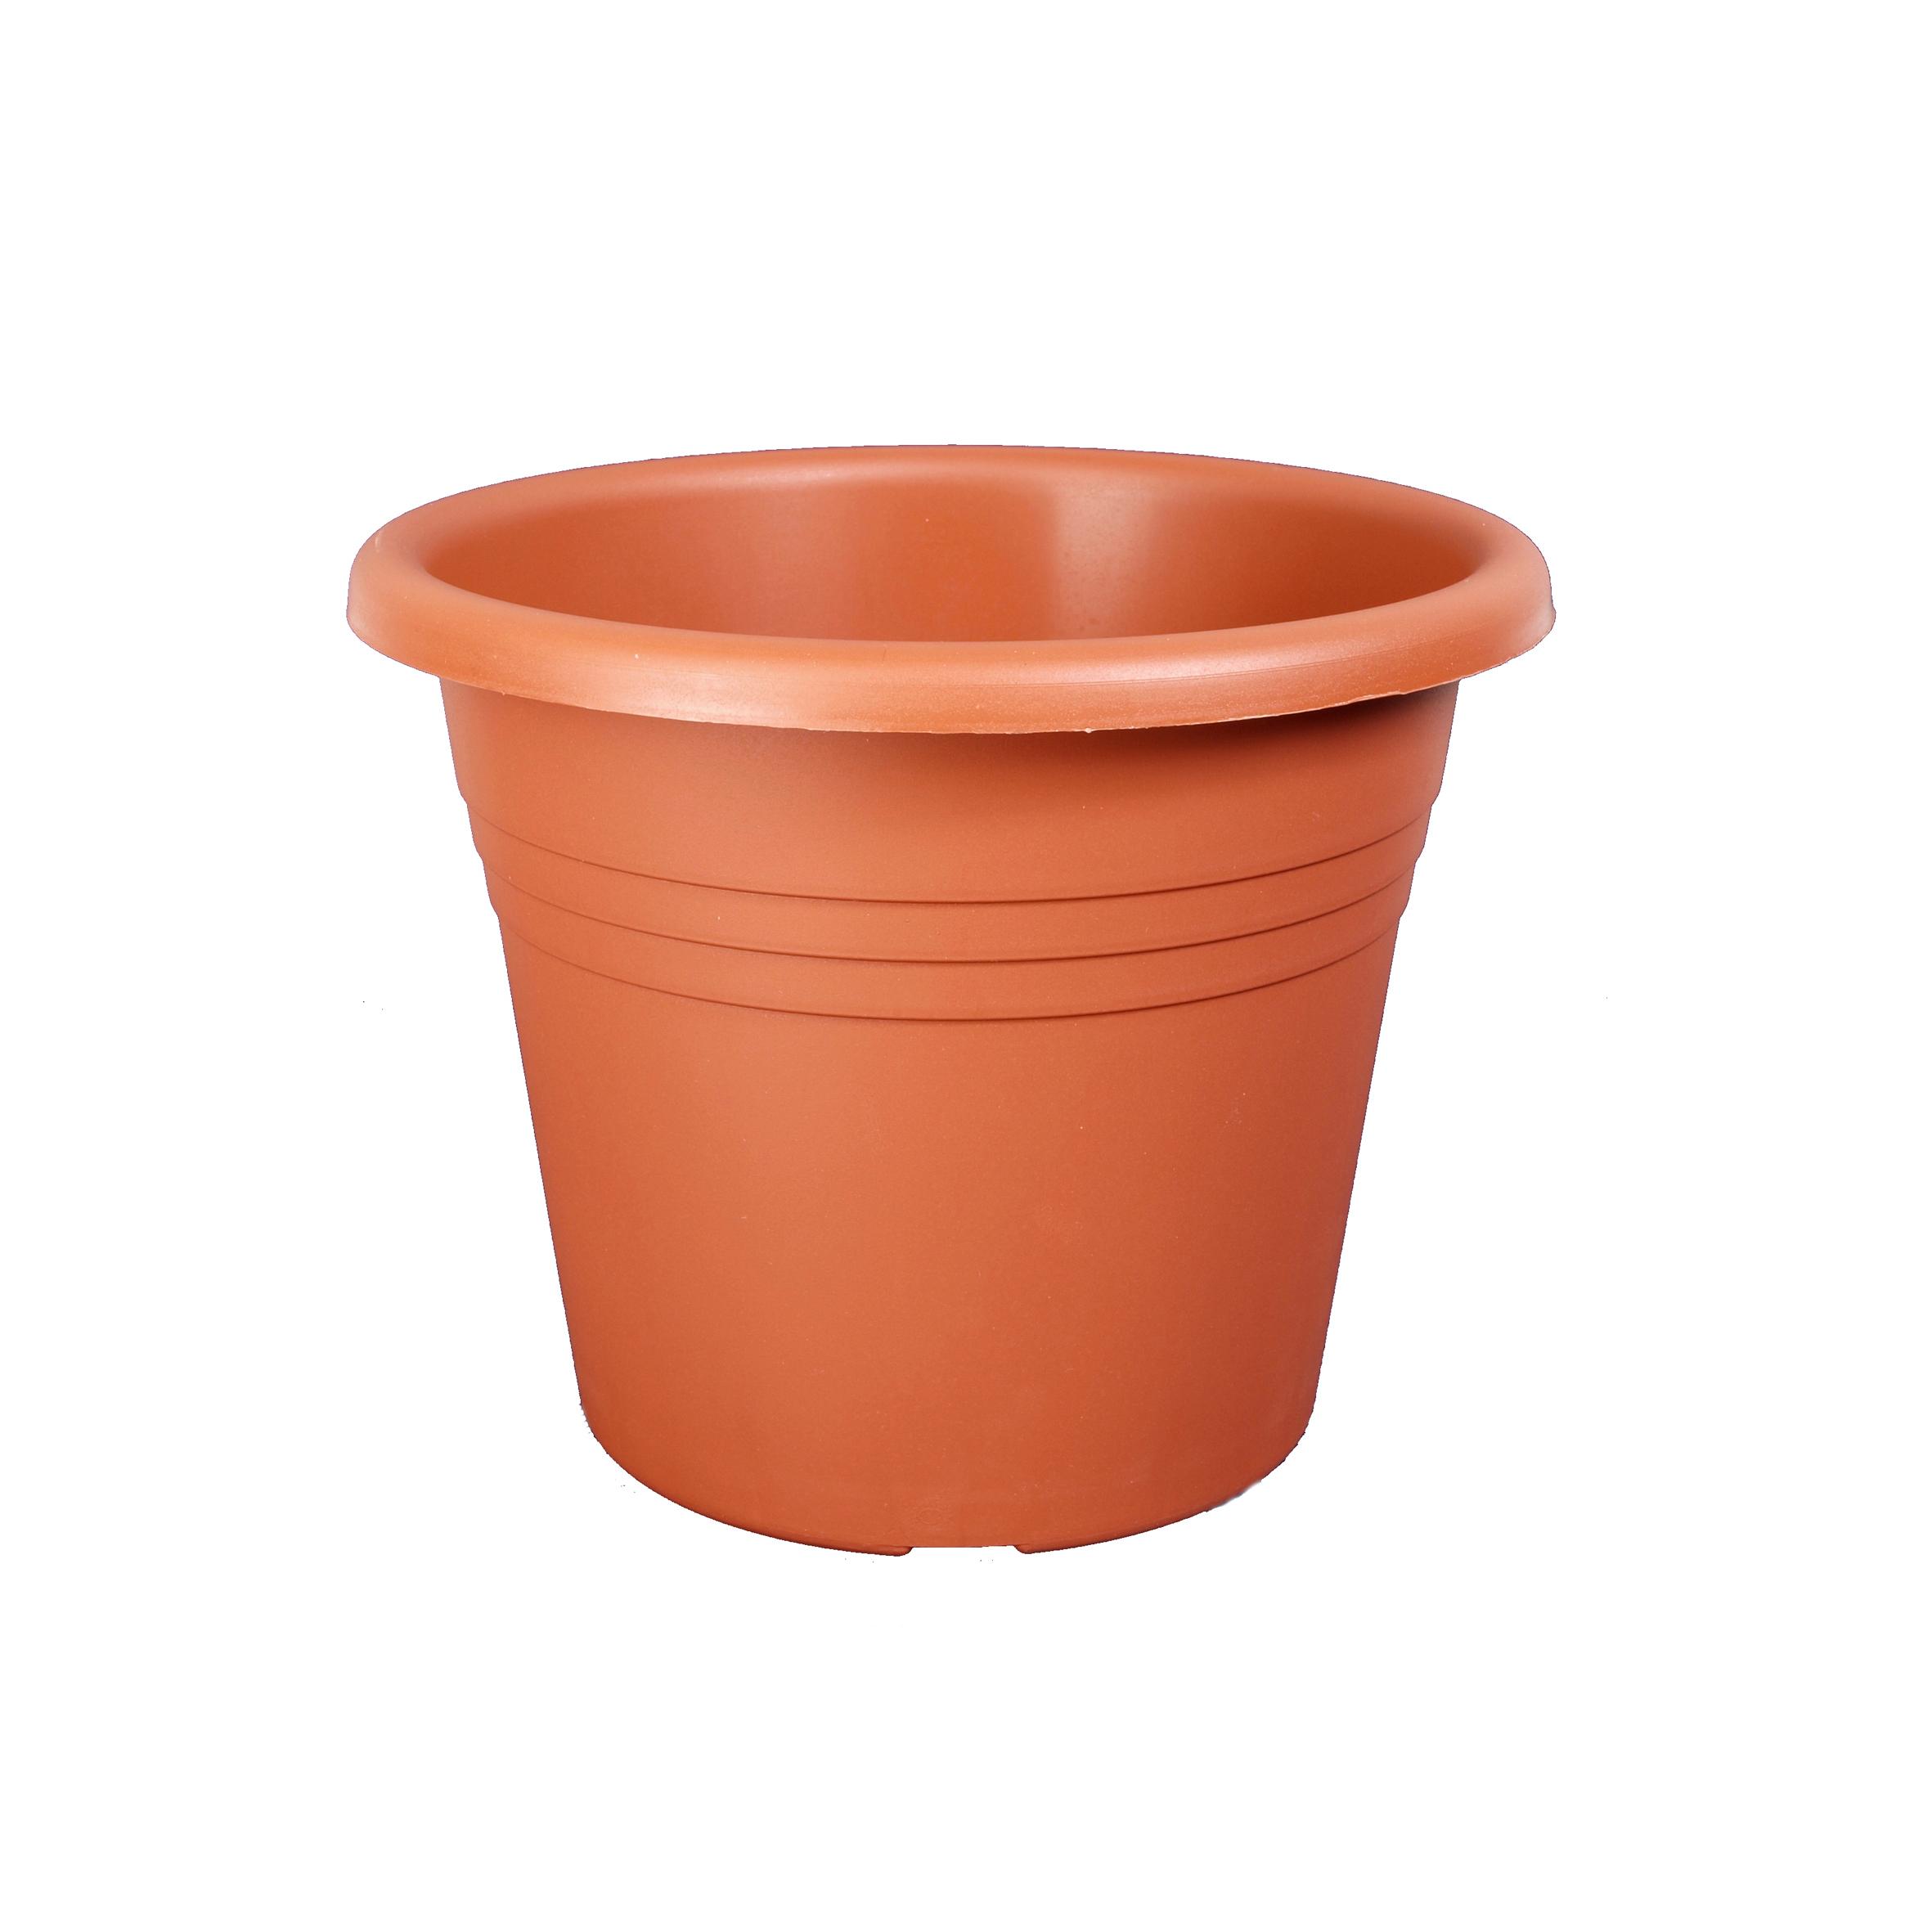 Vaso Isola in plastica colore cotto H 33 cm, Ø 45 cm